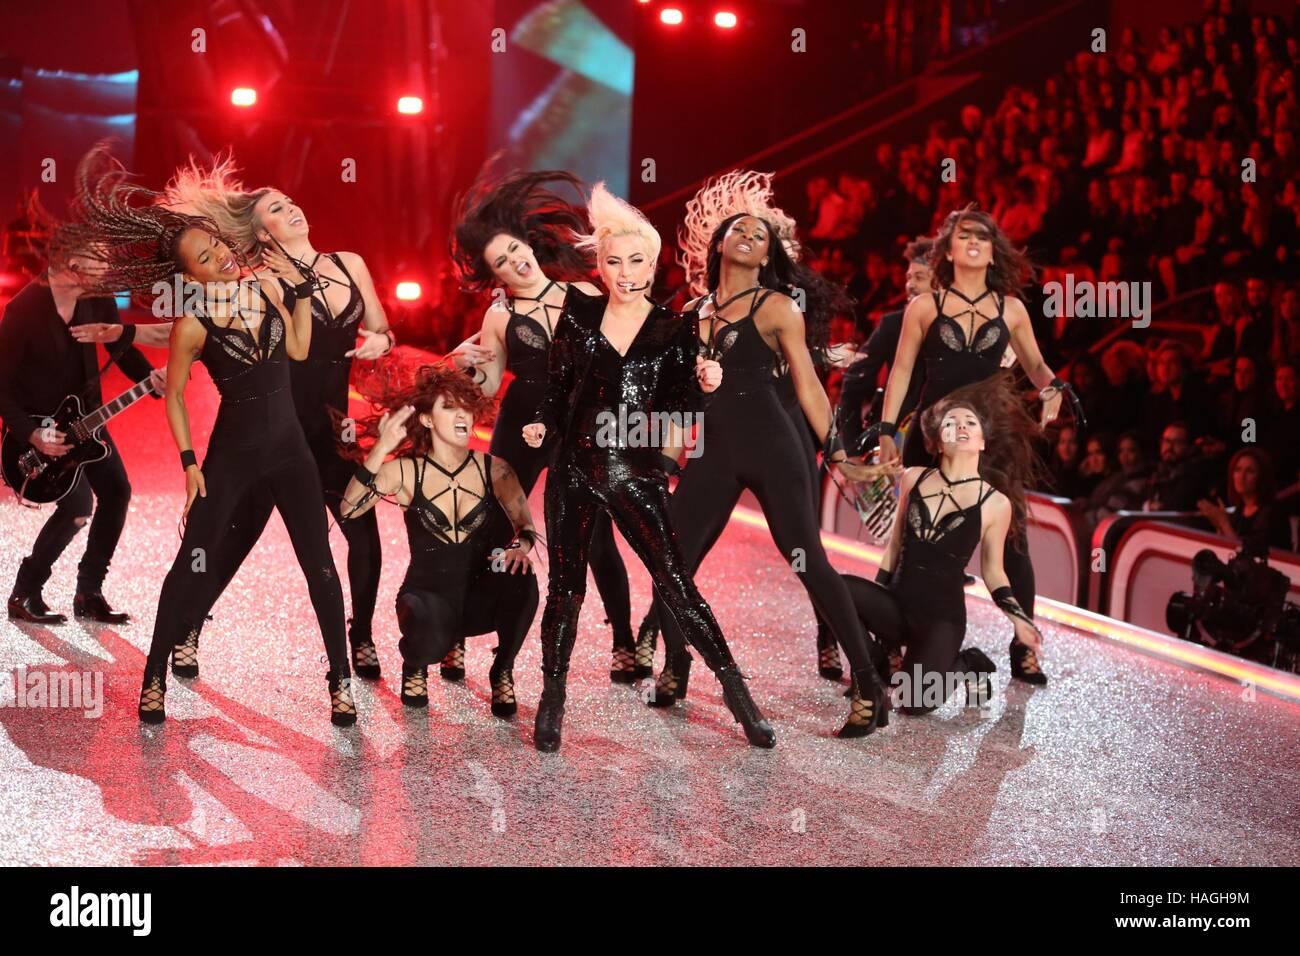 París, Francia. 30 Nov, 2016. Lady Gaga en la pista para la 21ª edición anual de Victoria's Secret Imagen De Stock